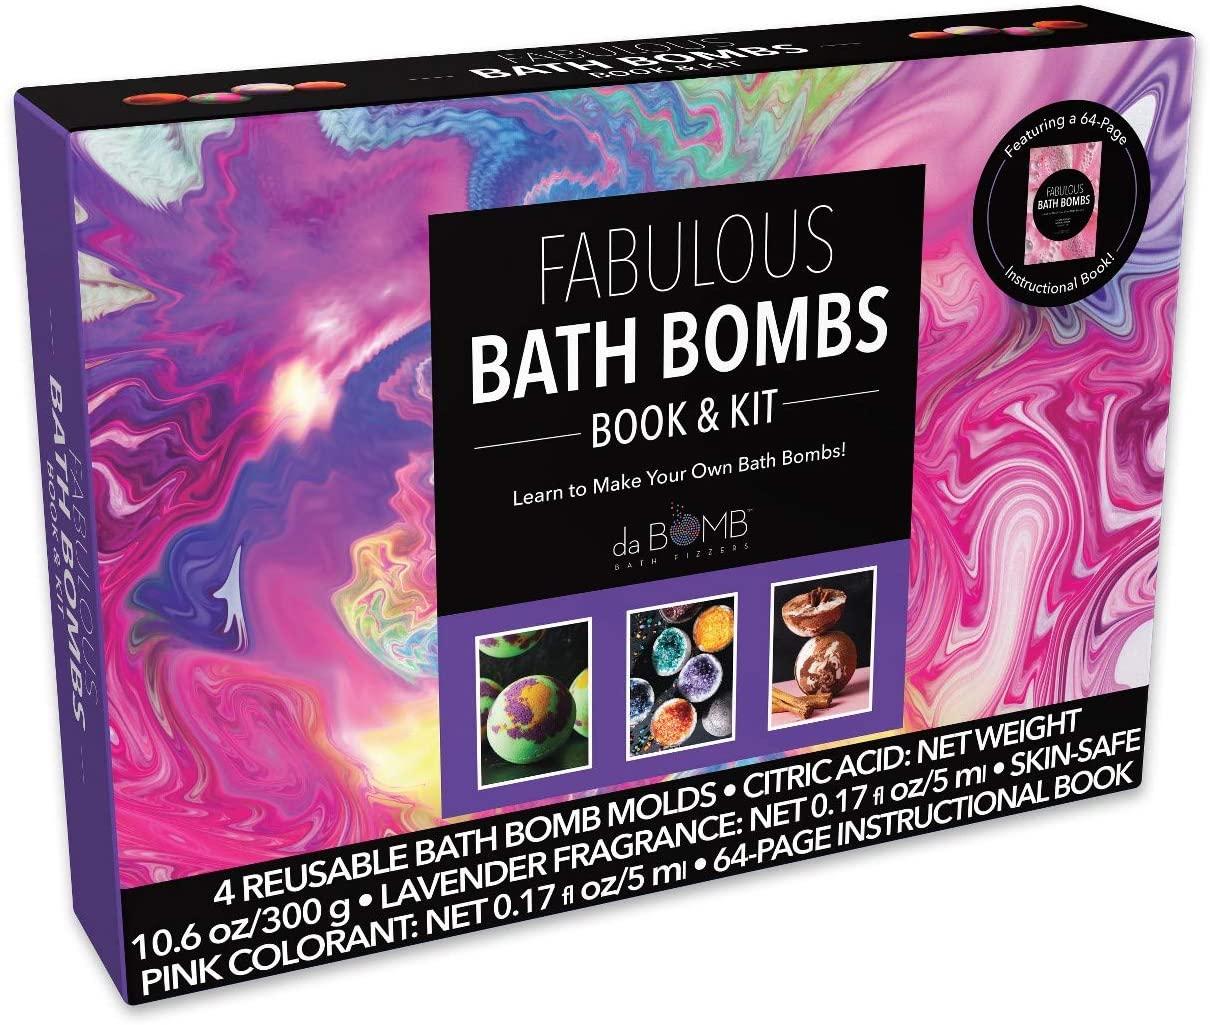 da Bomb Rock Point Bath Soaks Book & Kit